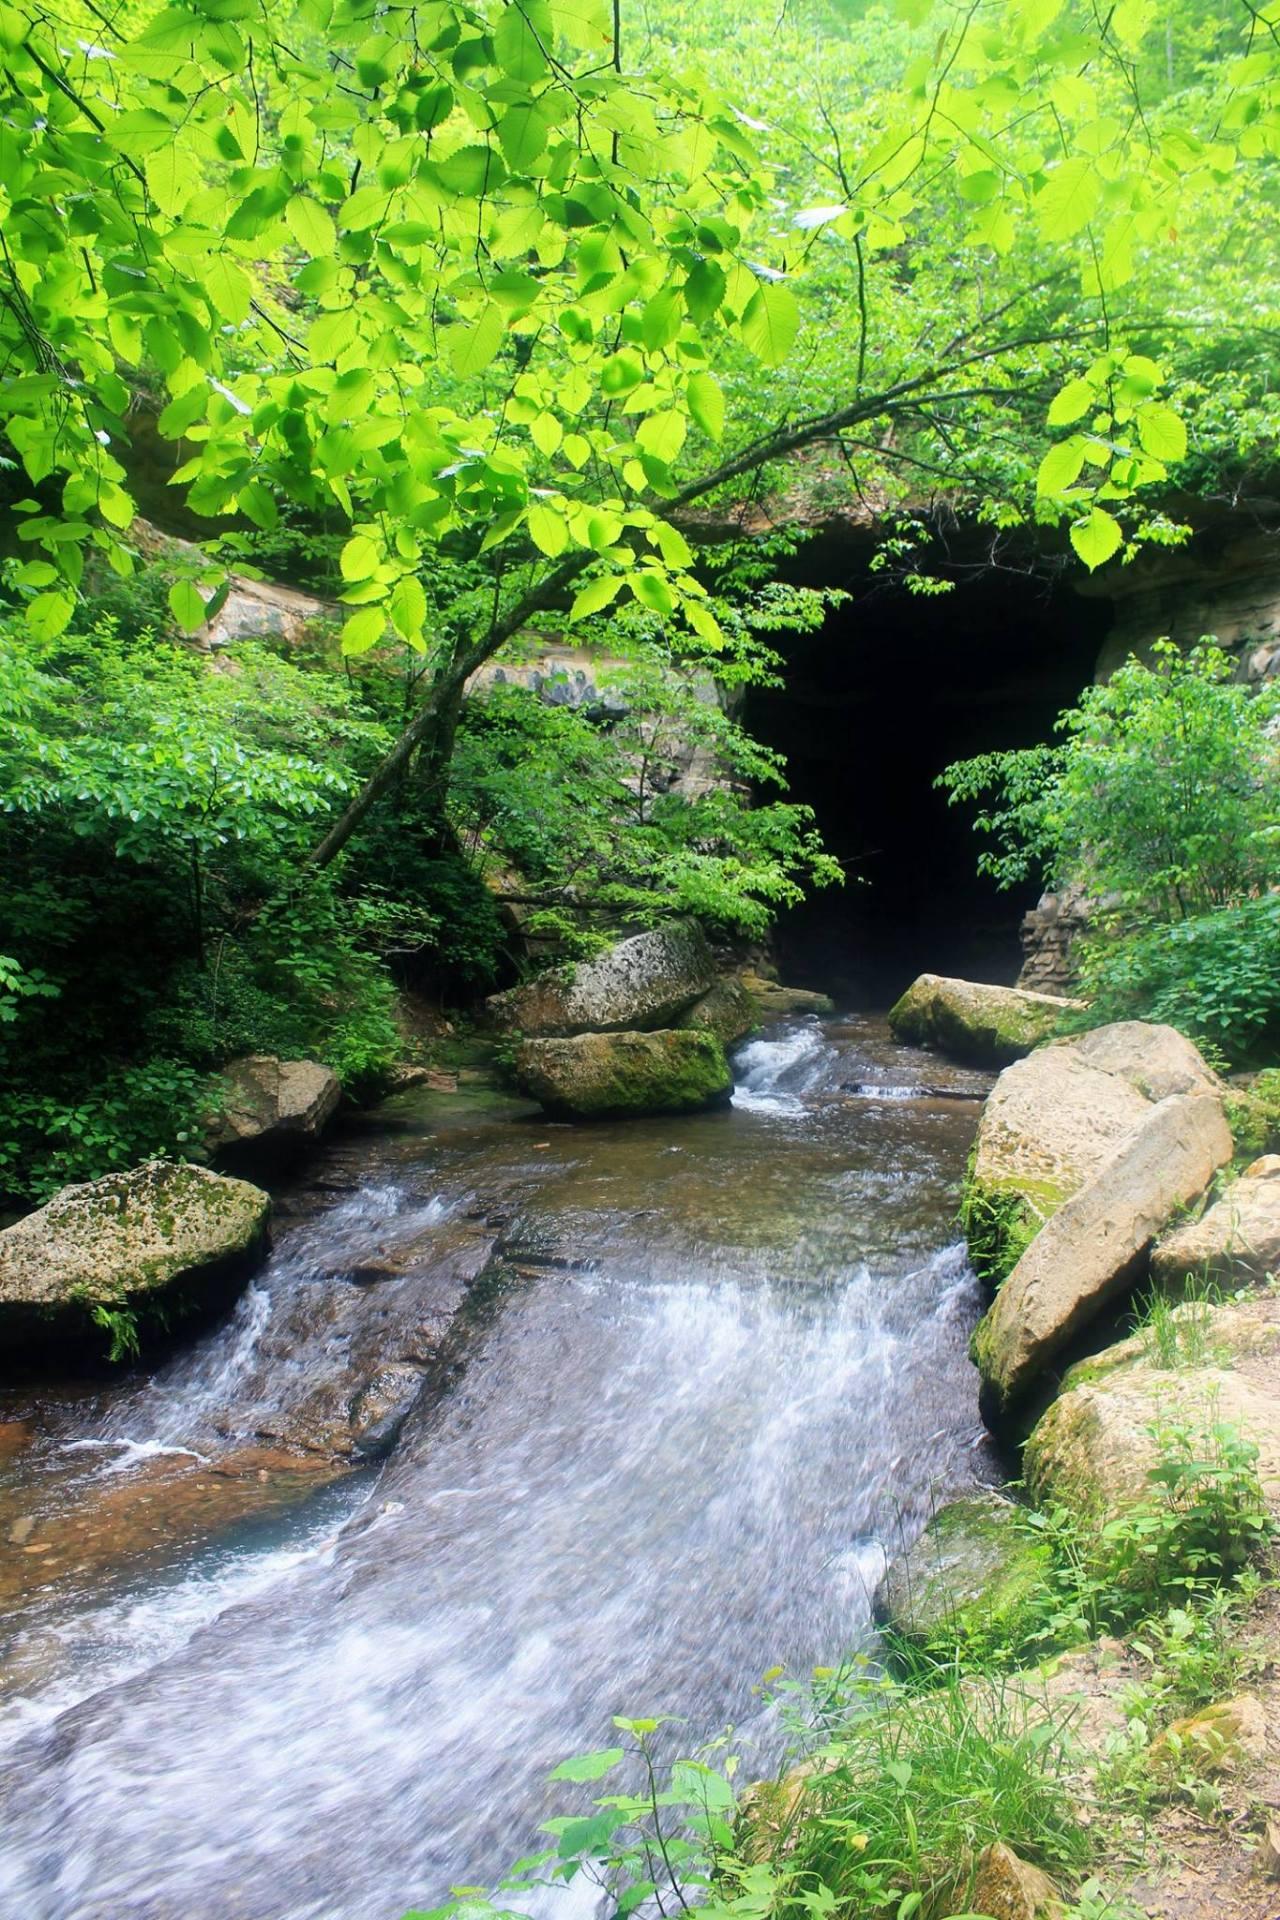 Donaldson Cave Creek